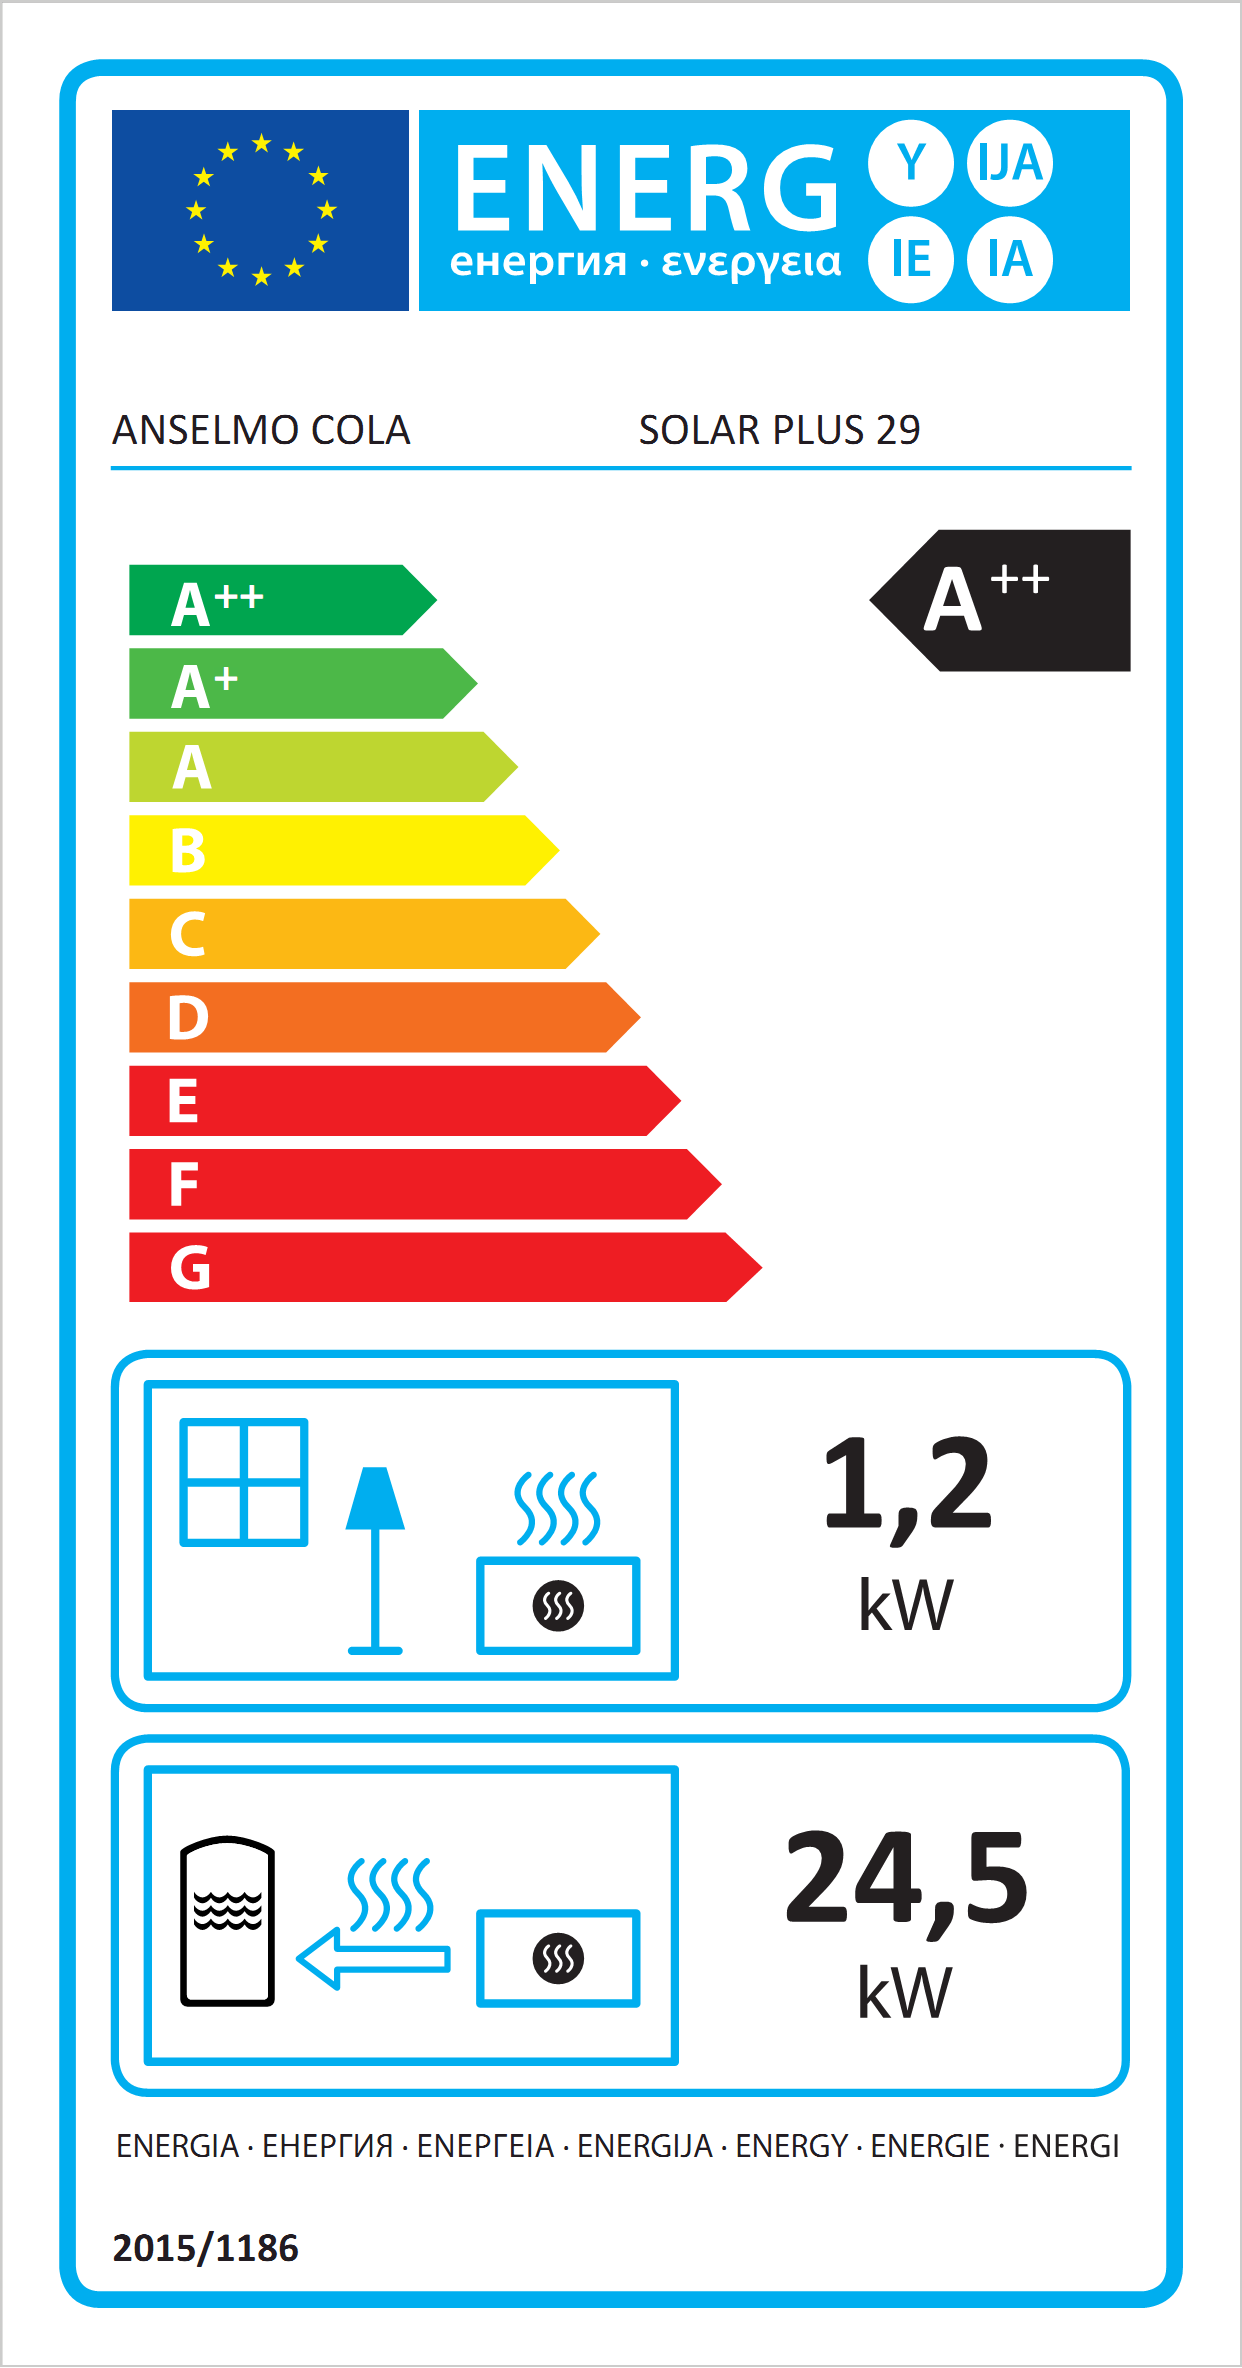 Solar Plus 29 Poêle à Pellets hydro Eco Label